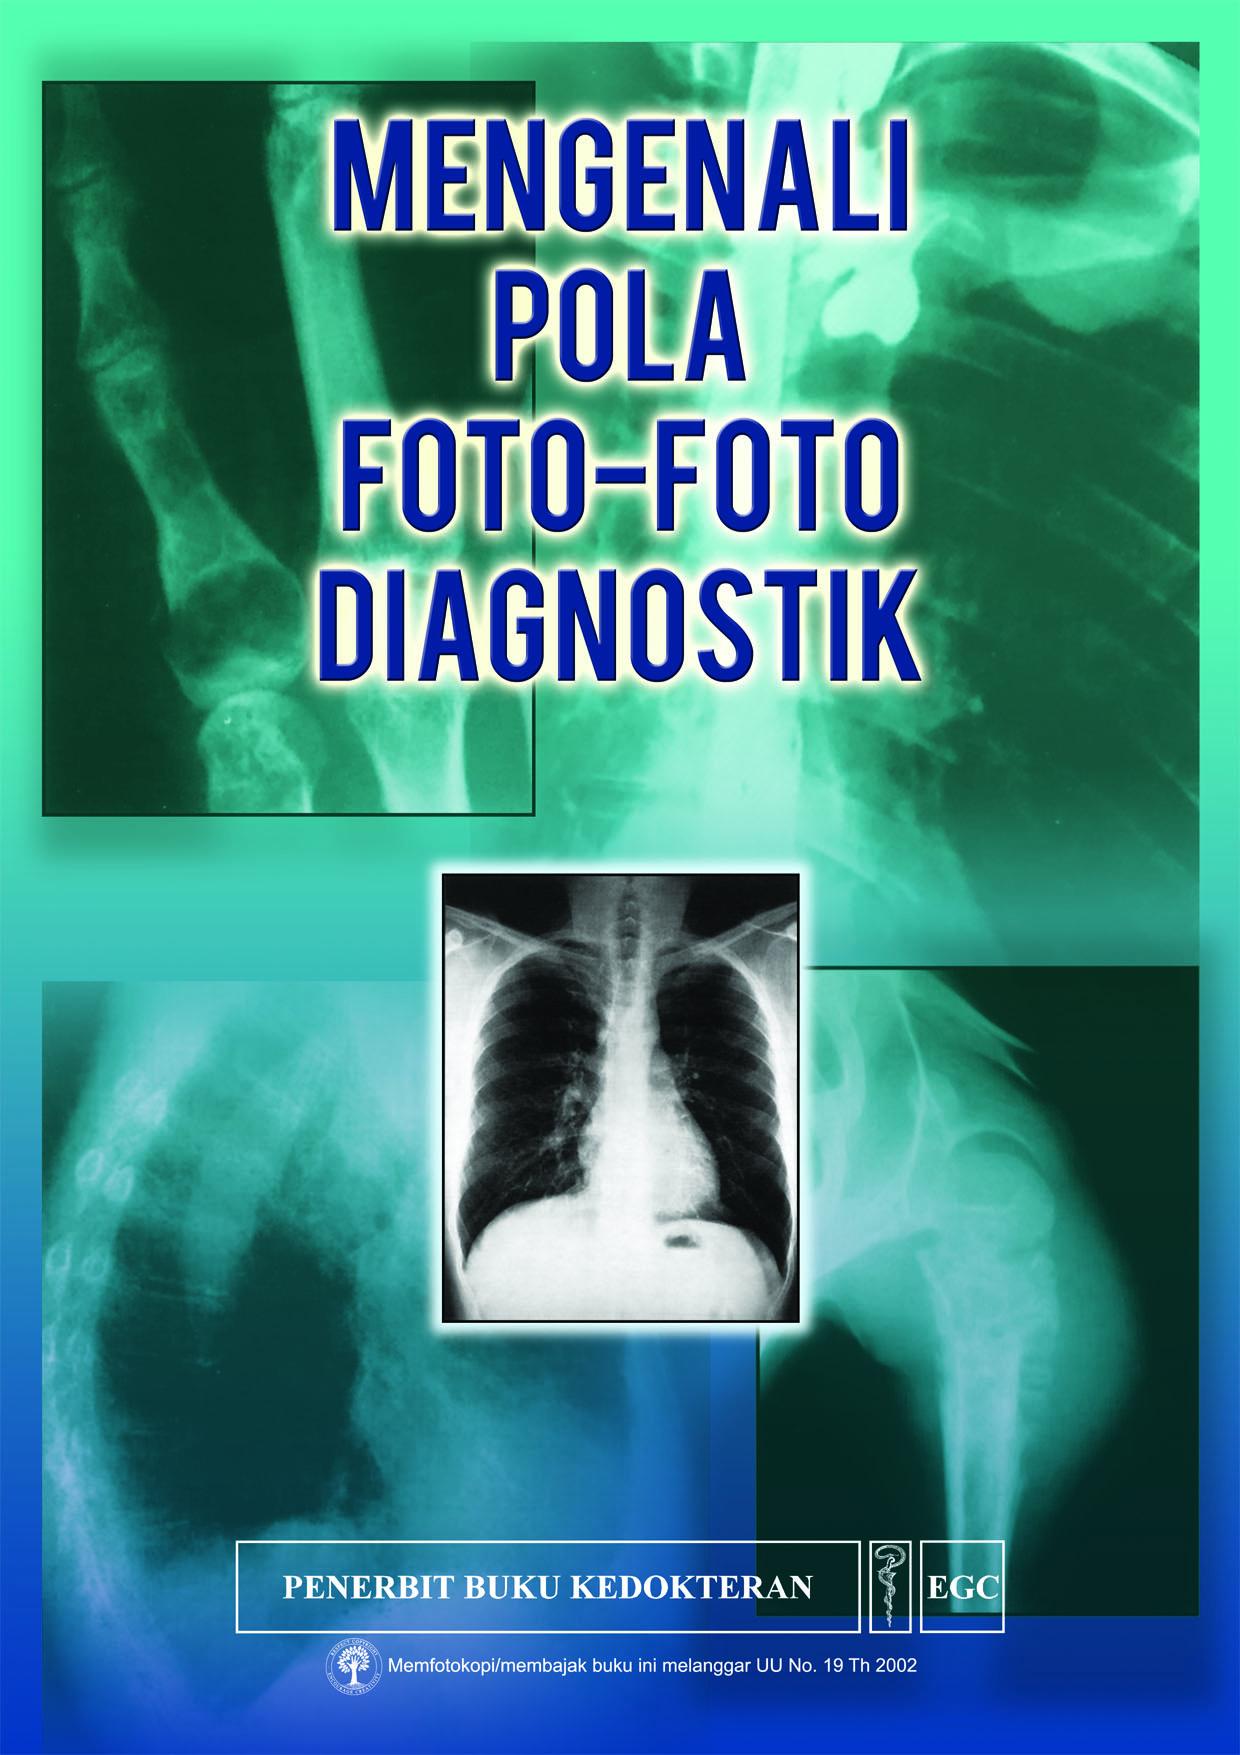 harga Mengenali Pola Foto-Foto Diagnostik Tokopedia.com